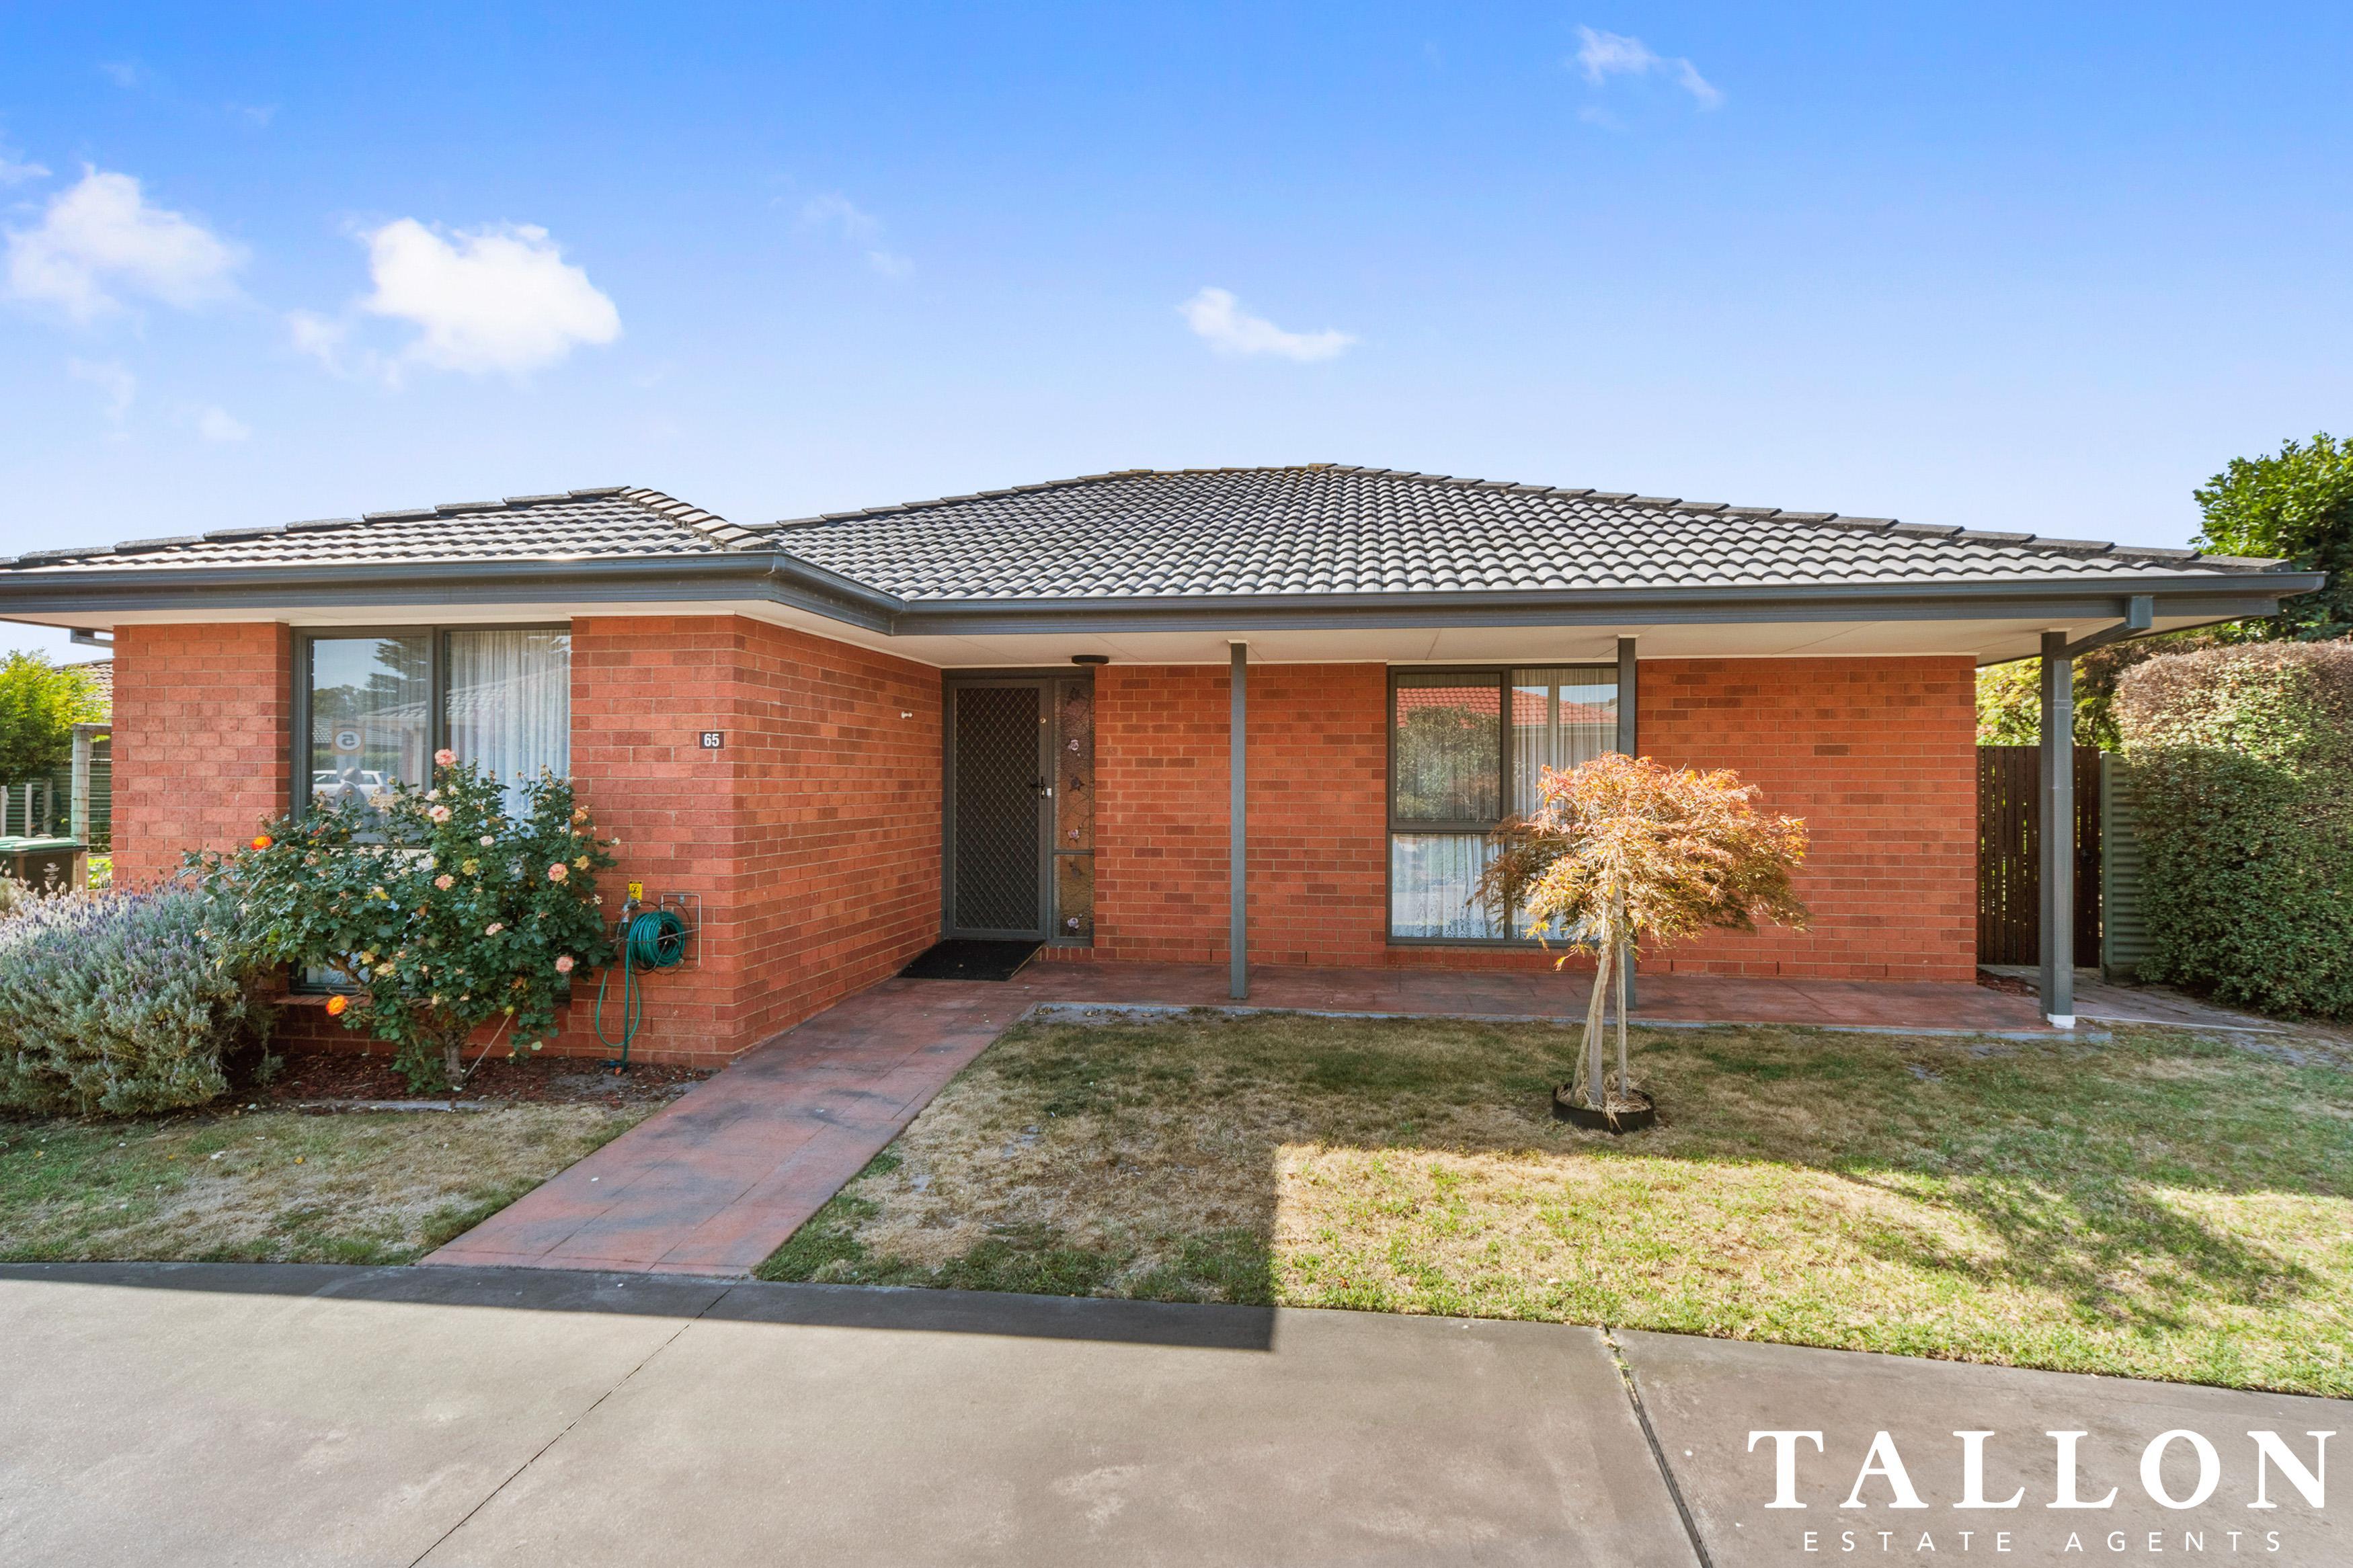 65/2034 Frankston Flinders Road, HASTINGS, VIC, 3915 - Image